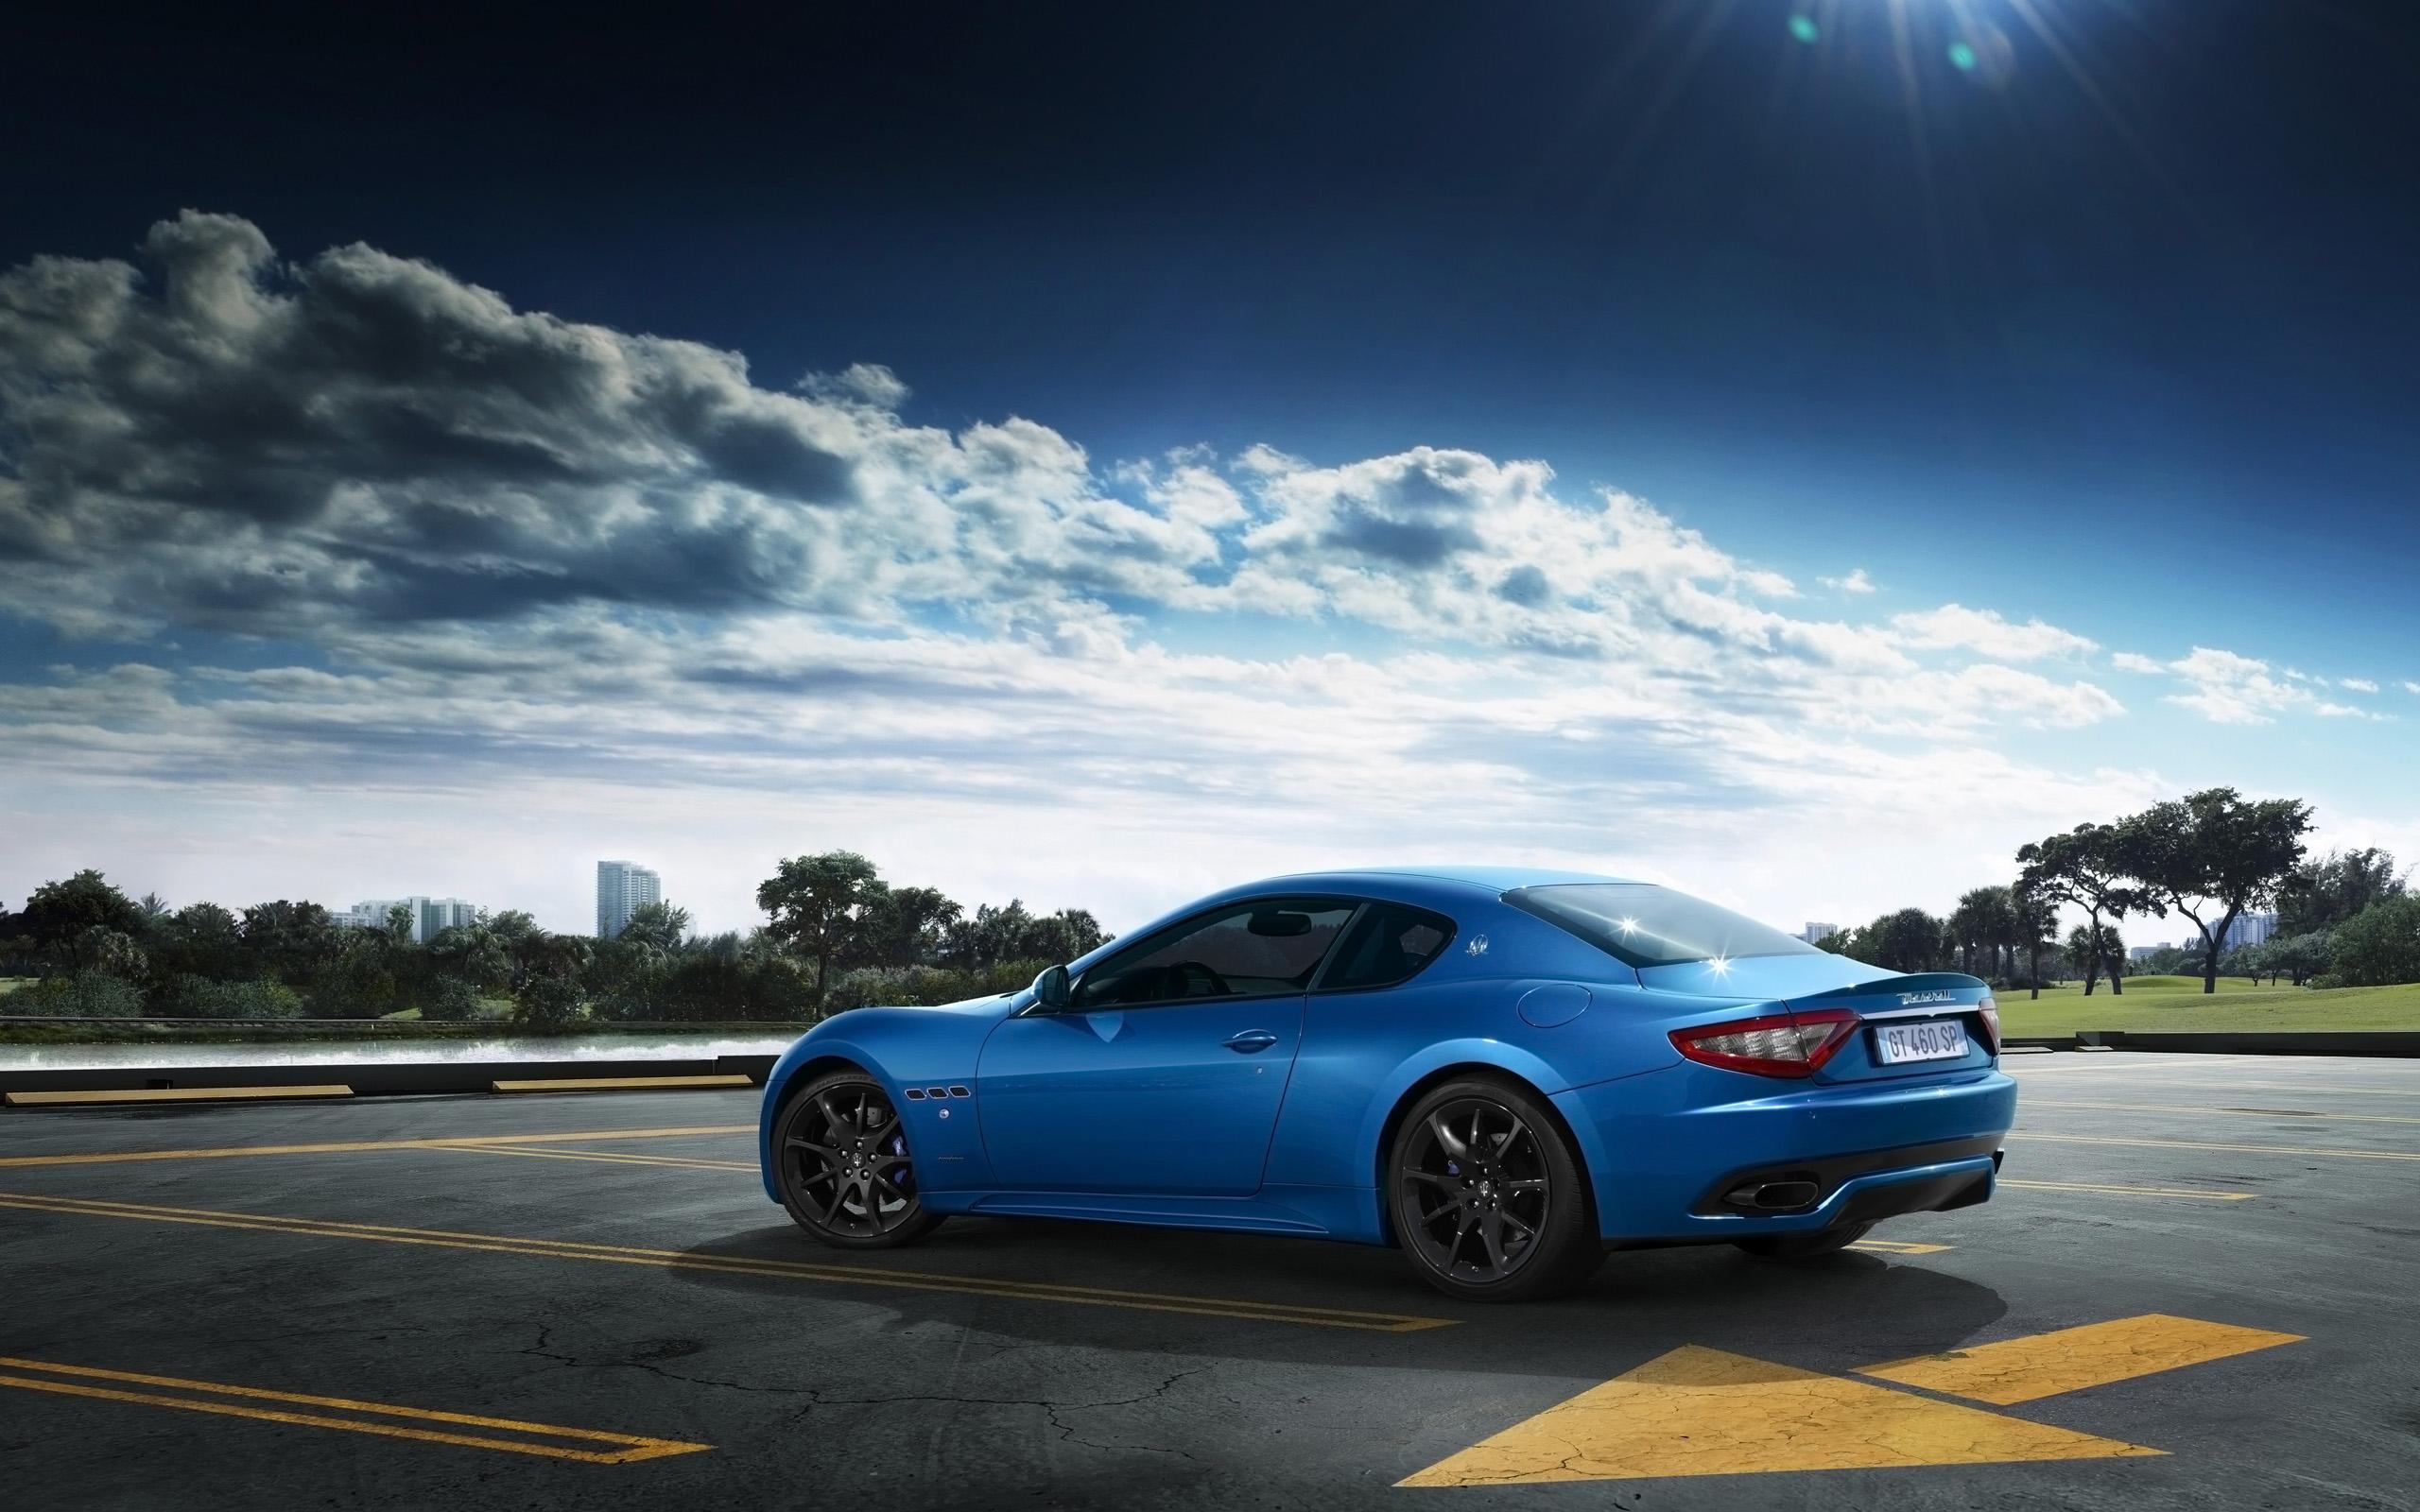 Maserati granturismo blue - photo#7